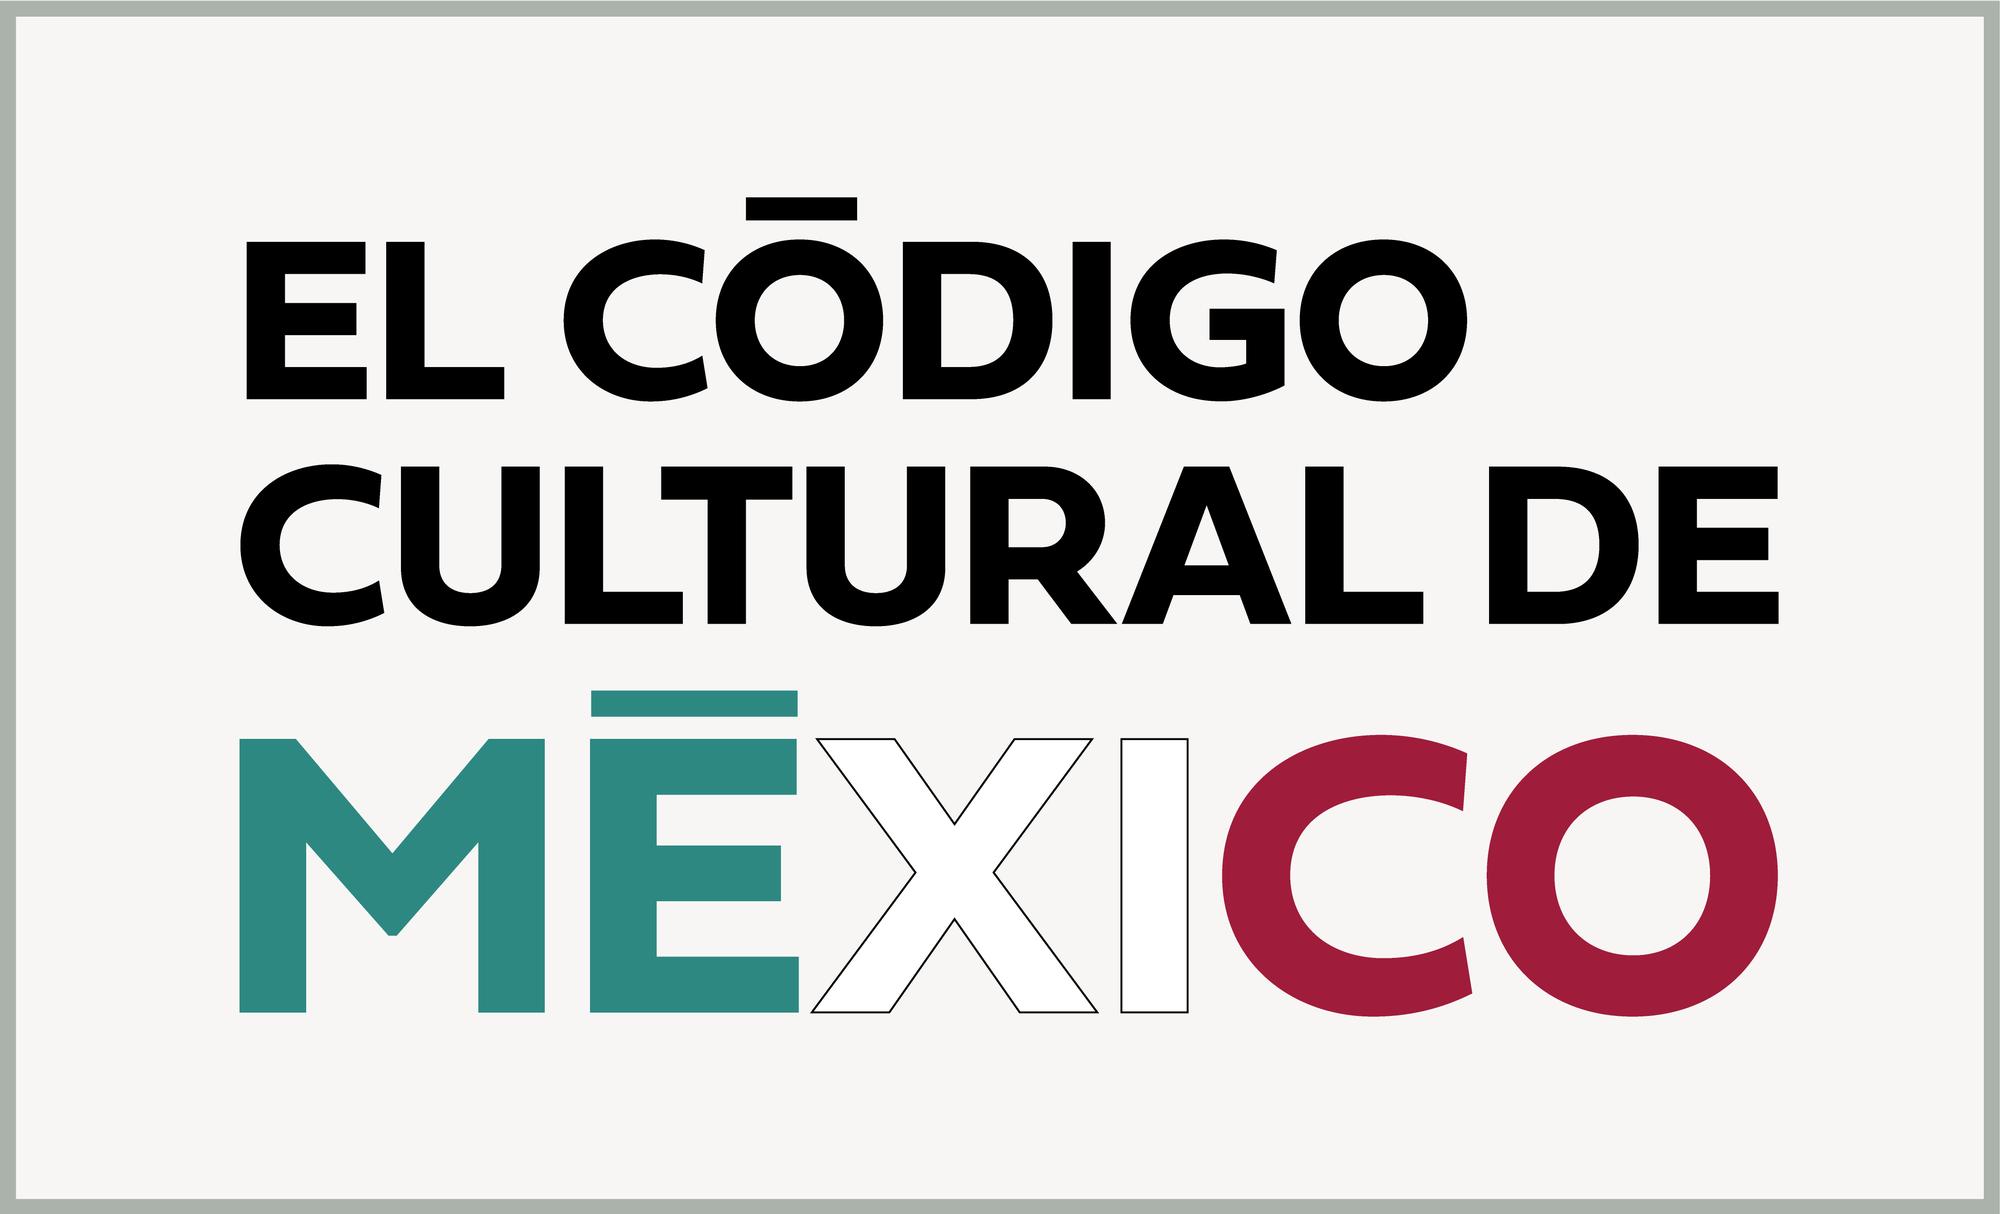 El código cultural de México